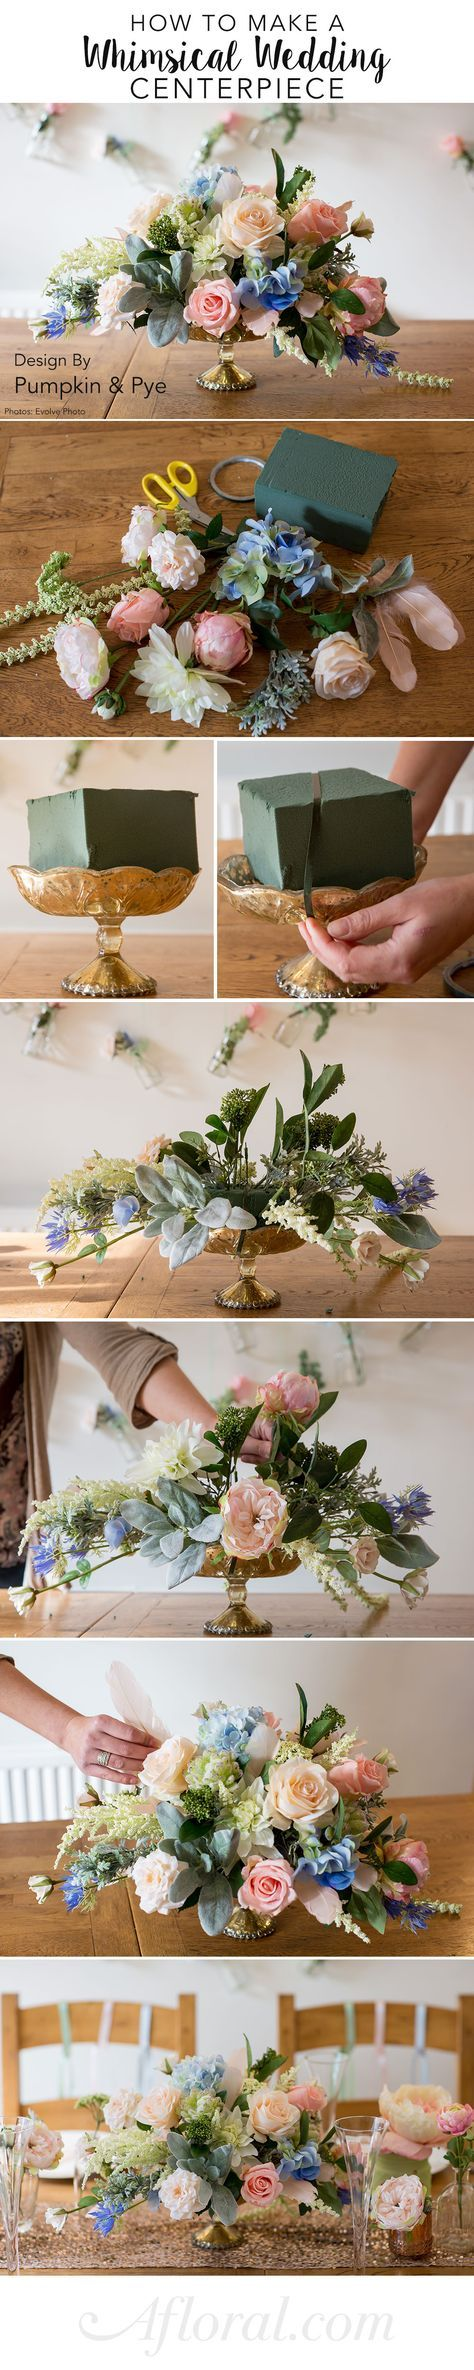 8 Best Flowers Images On Pinterest Floral Arrangements Desk